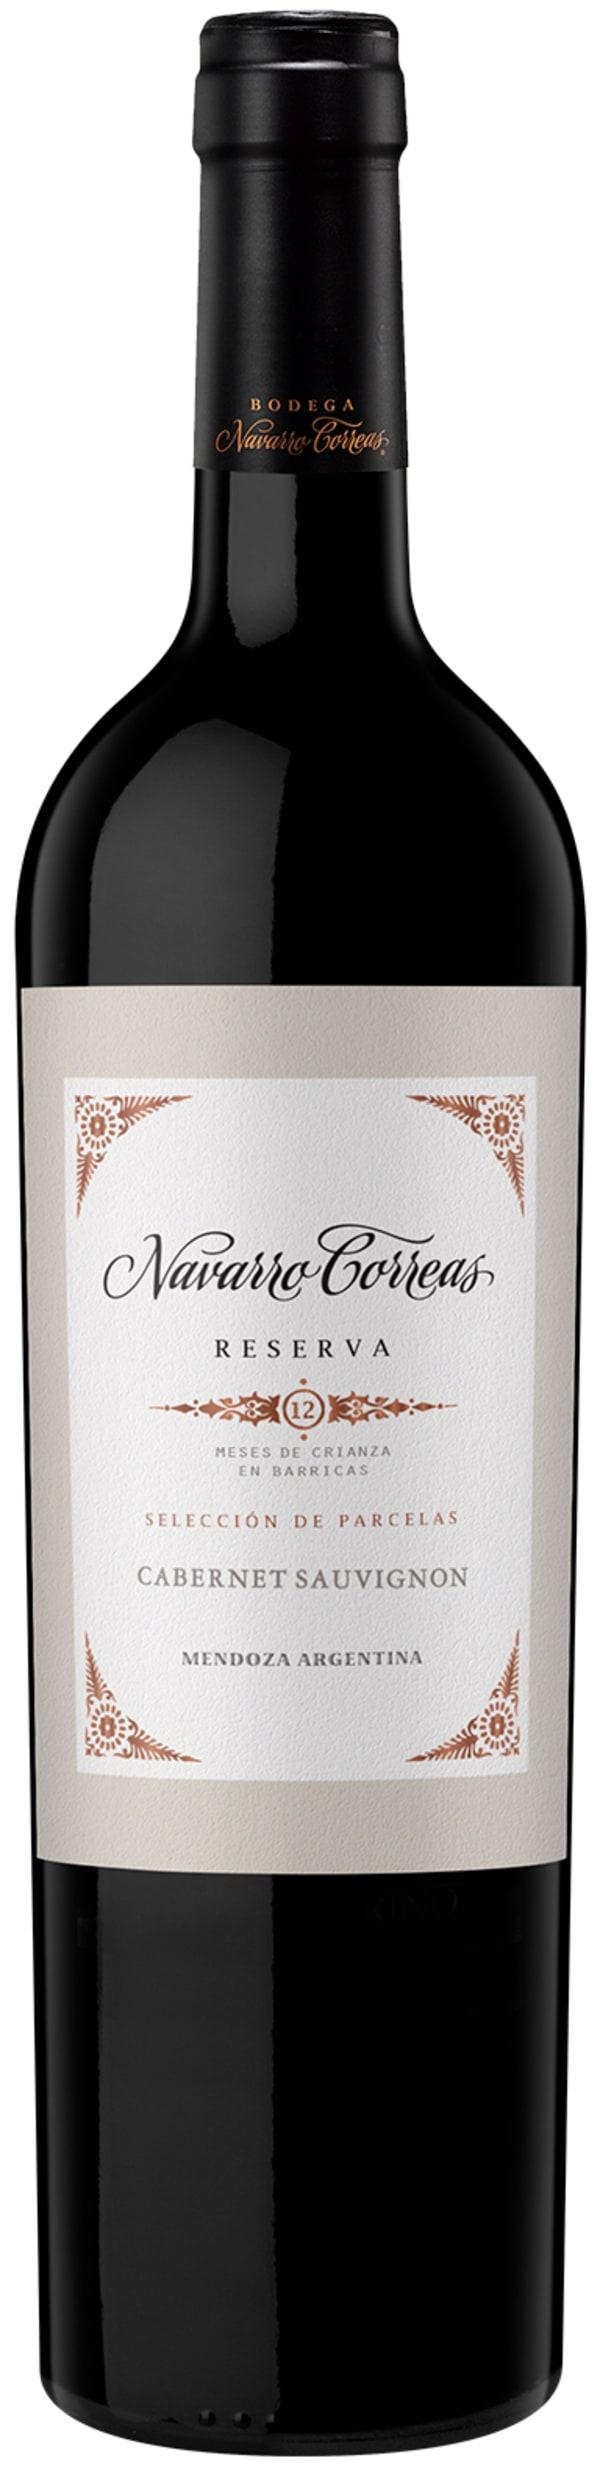 Navarro Correas Reserve Cabernet Sauvignon 2018